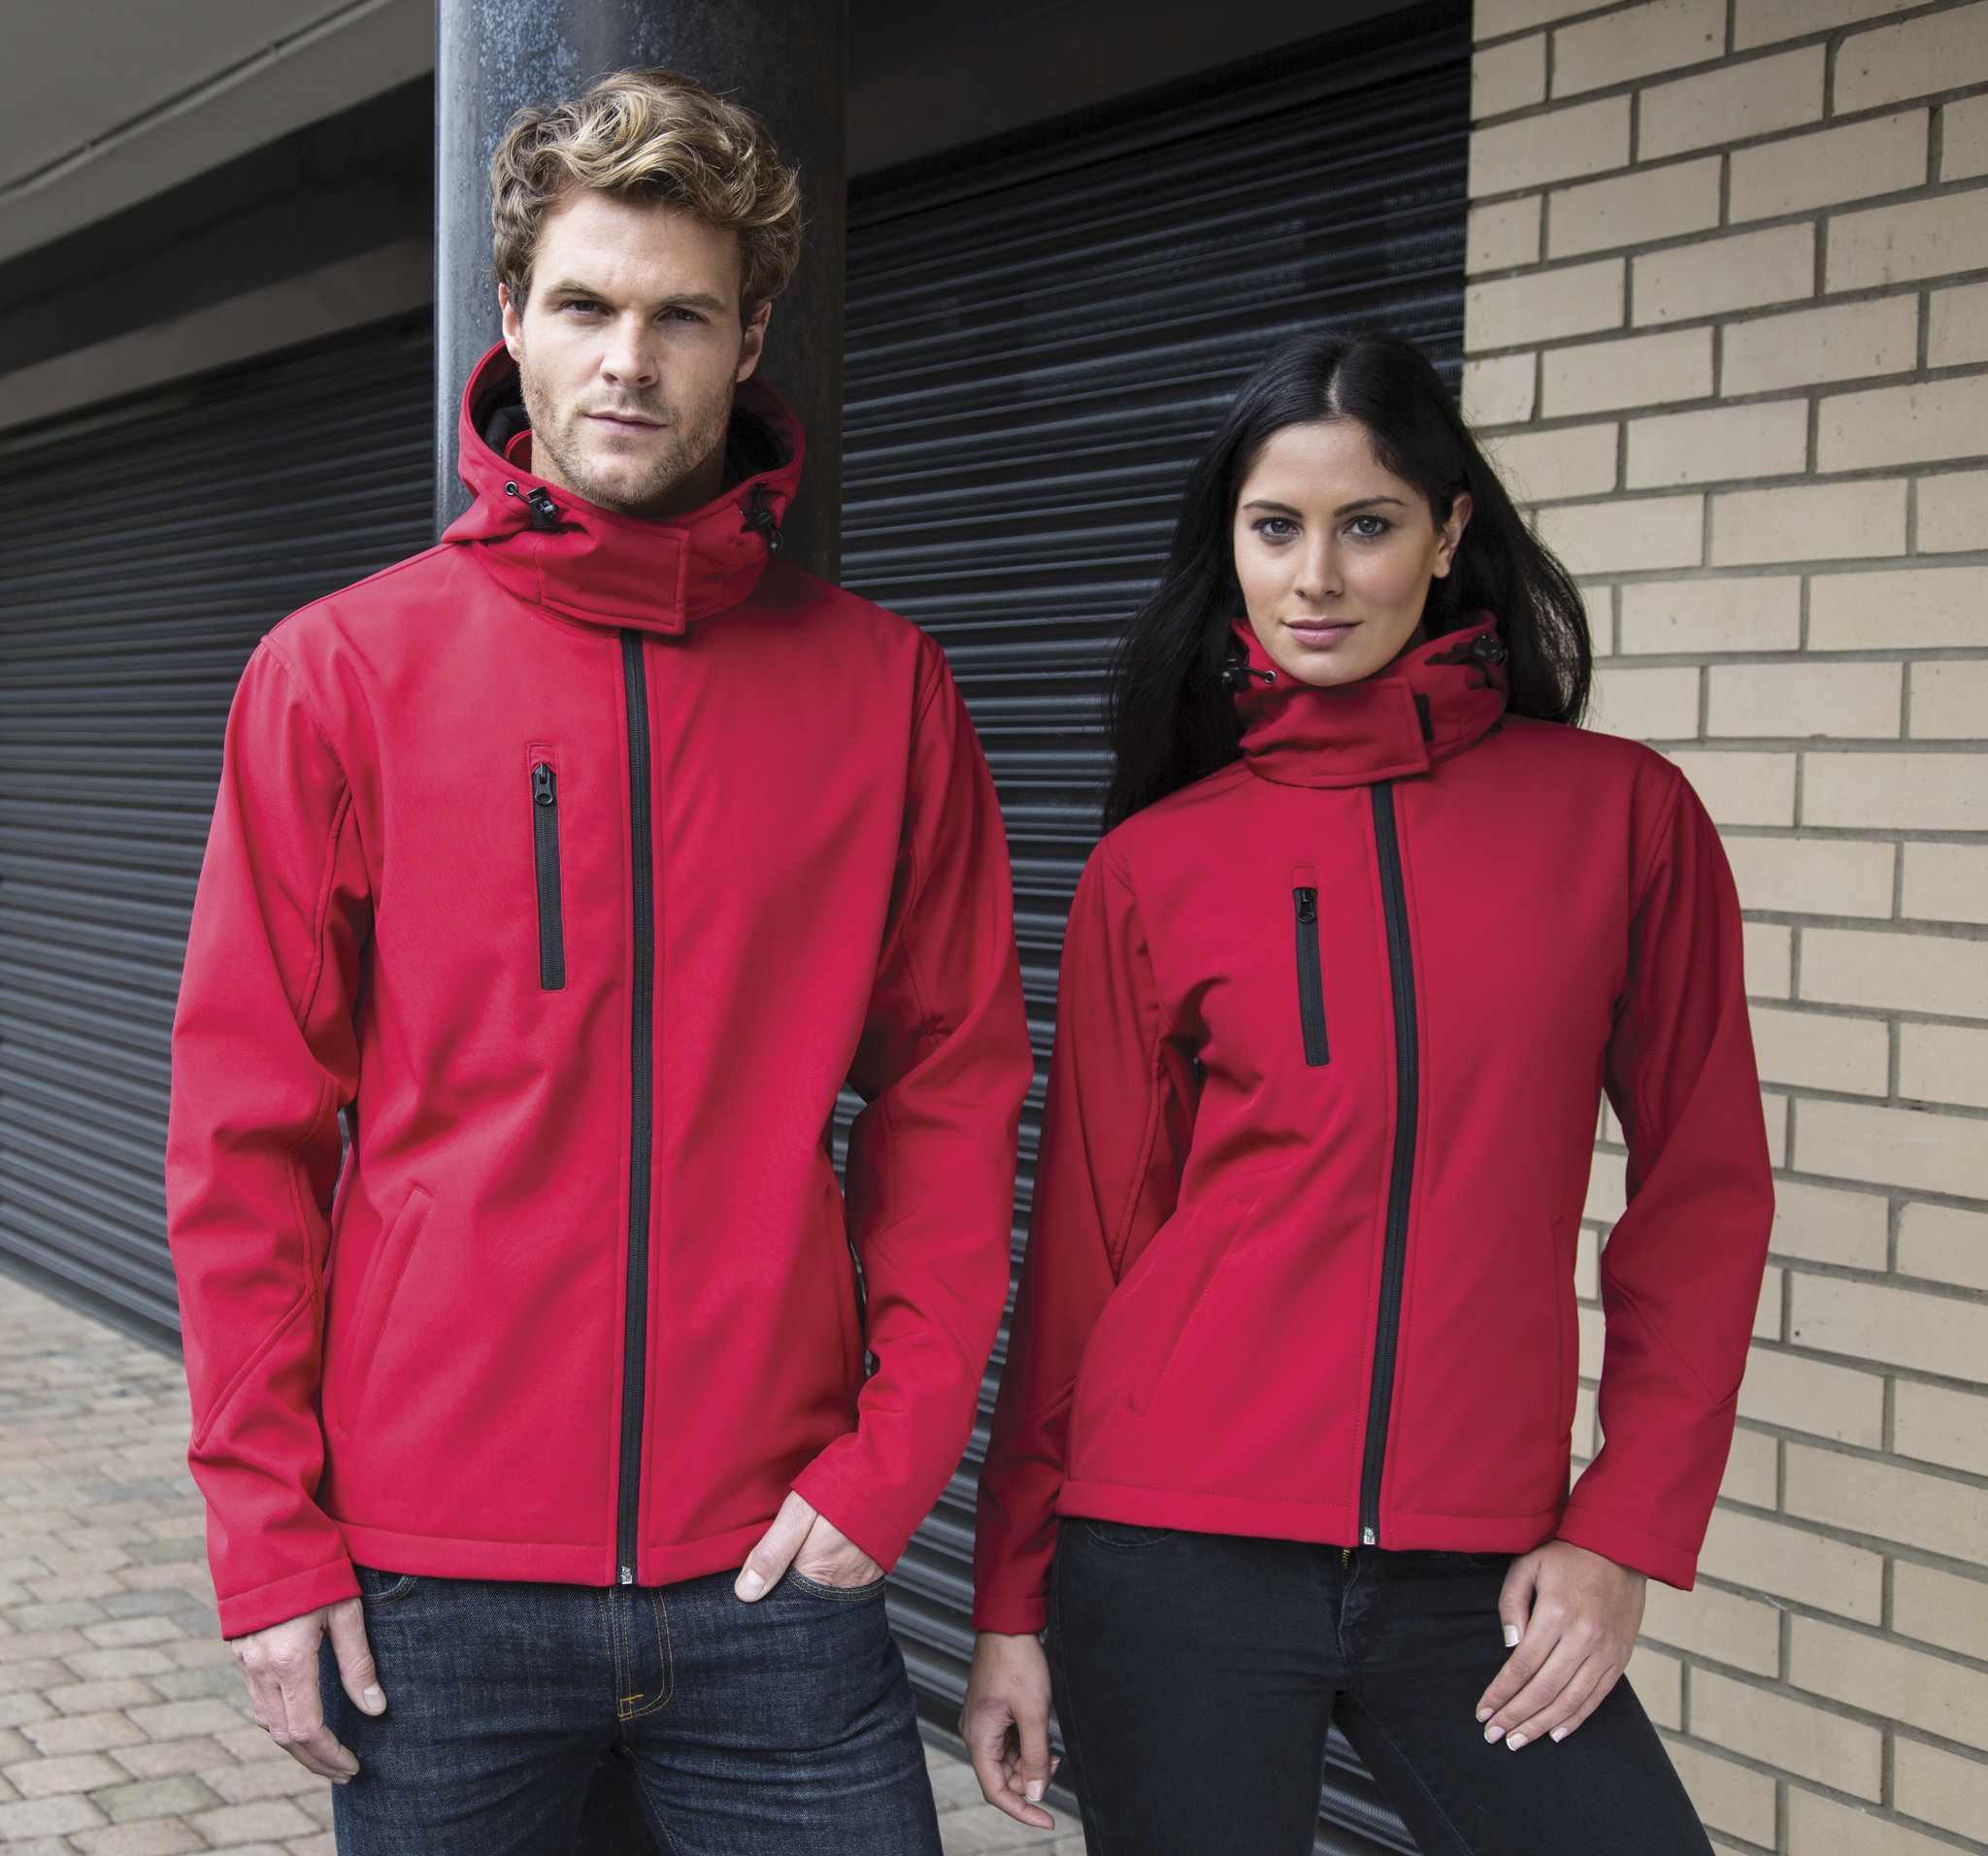 Veste personnalisable Hoodo pour homme rouge/noir - veste promotionnelle